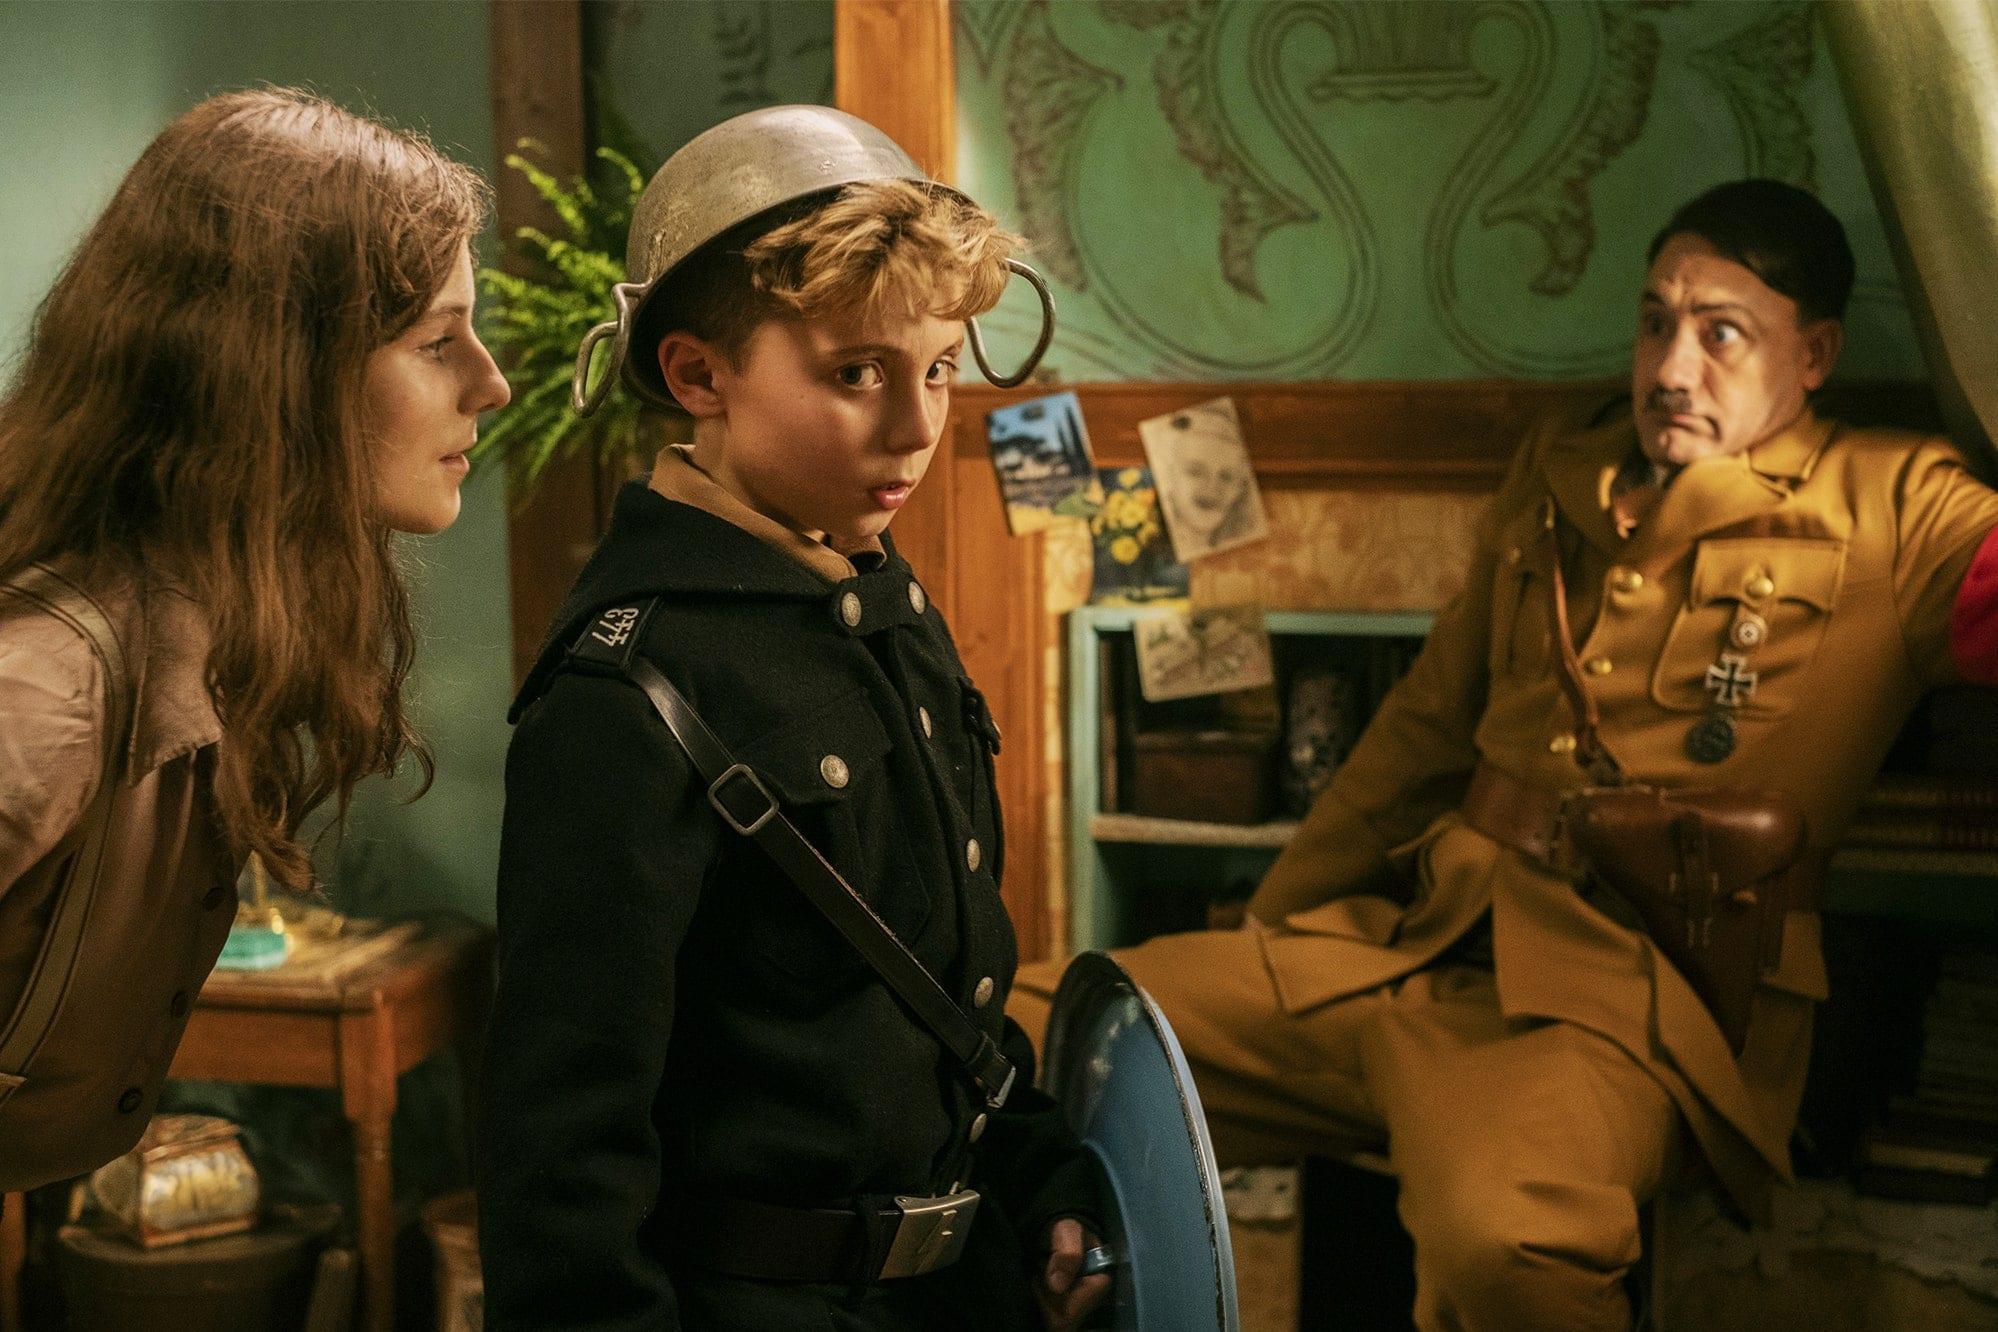 Elsa leans to whisper in Jojo's ear, as imaginary Hitler cowers in the corner.